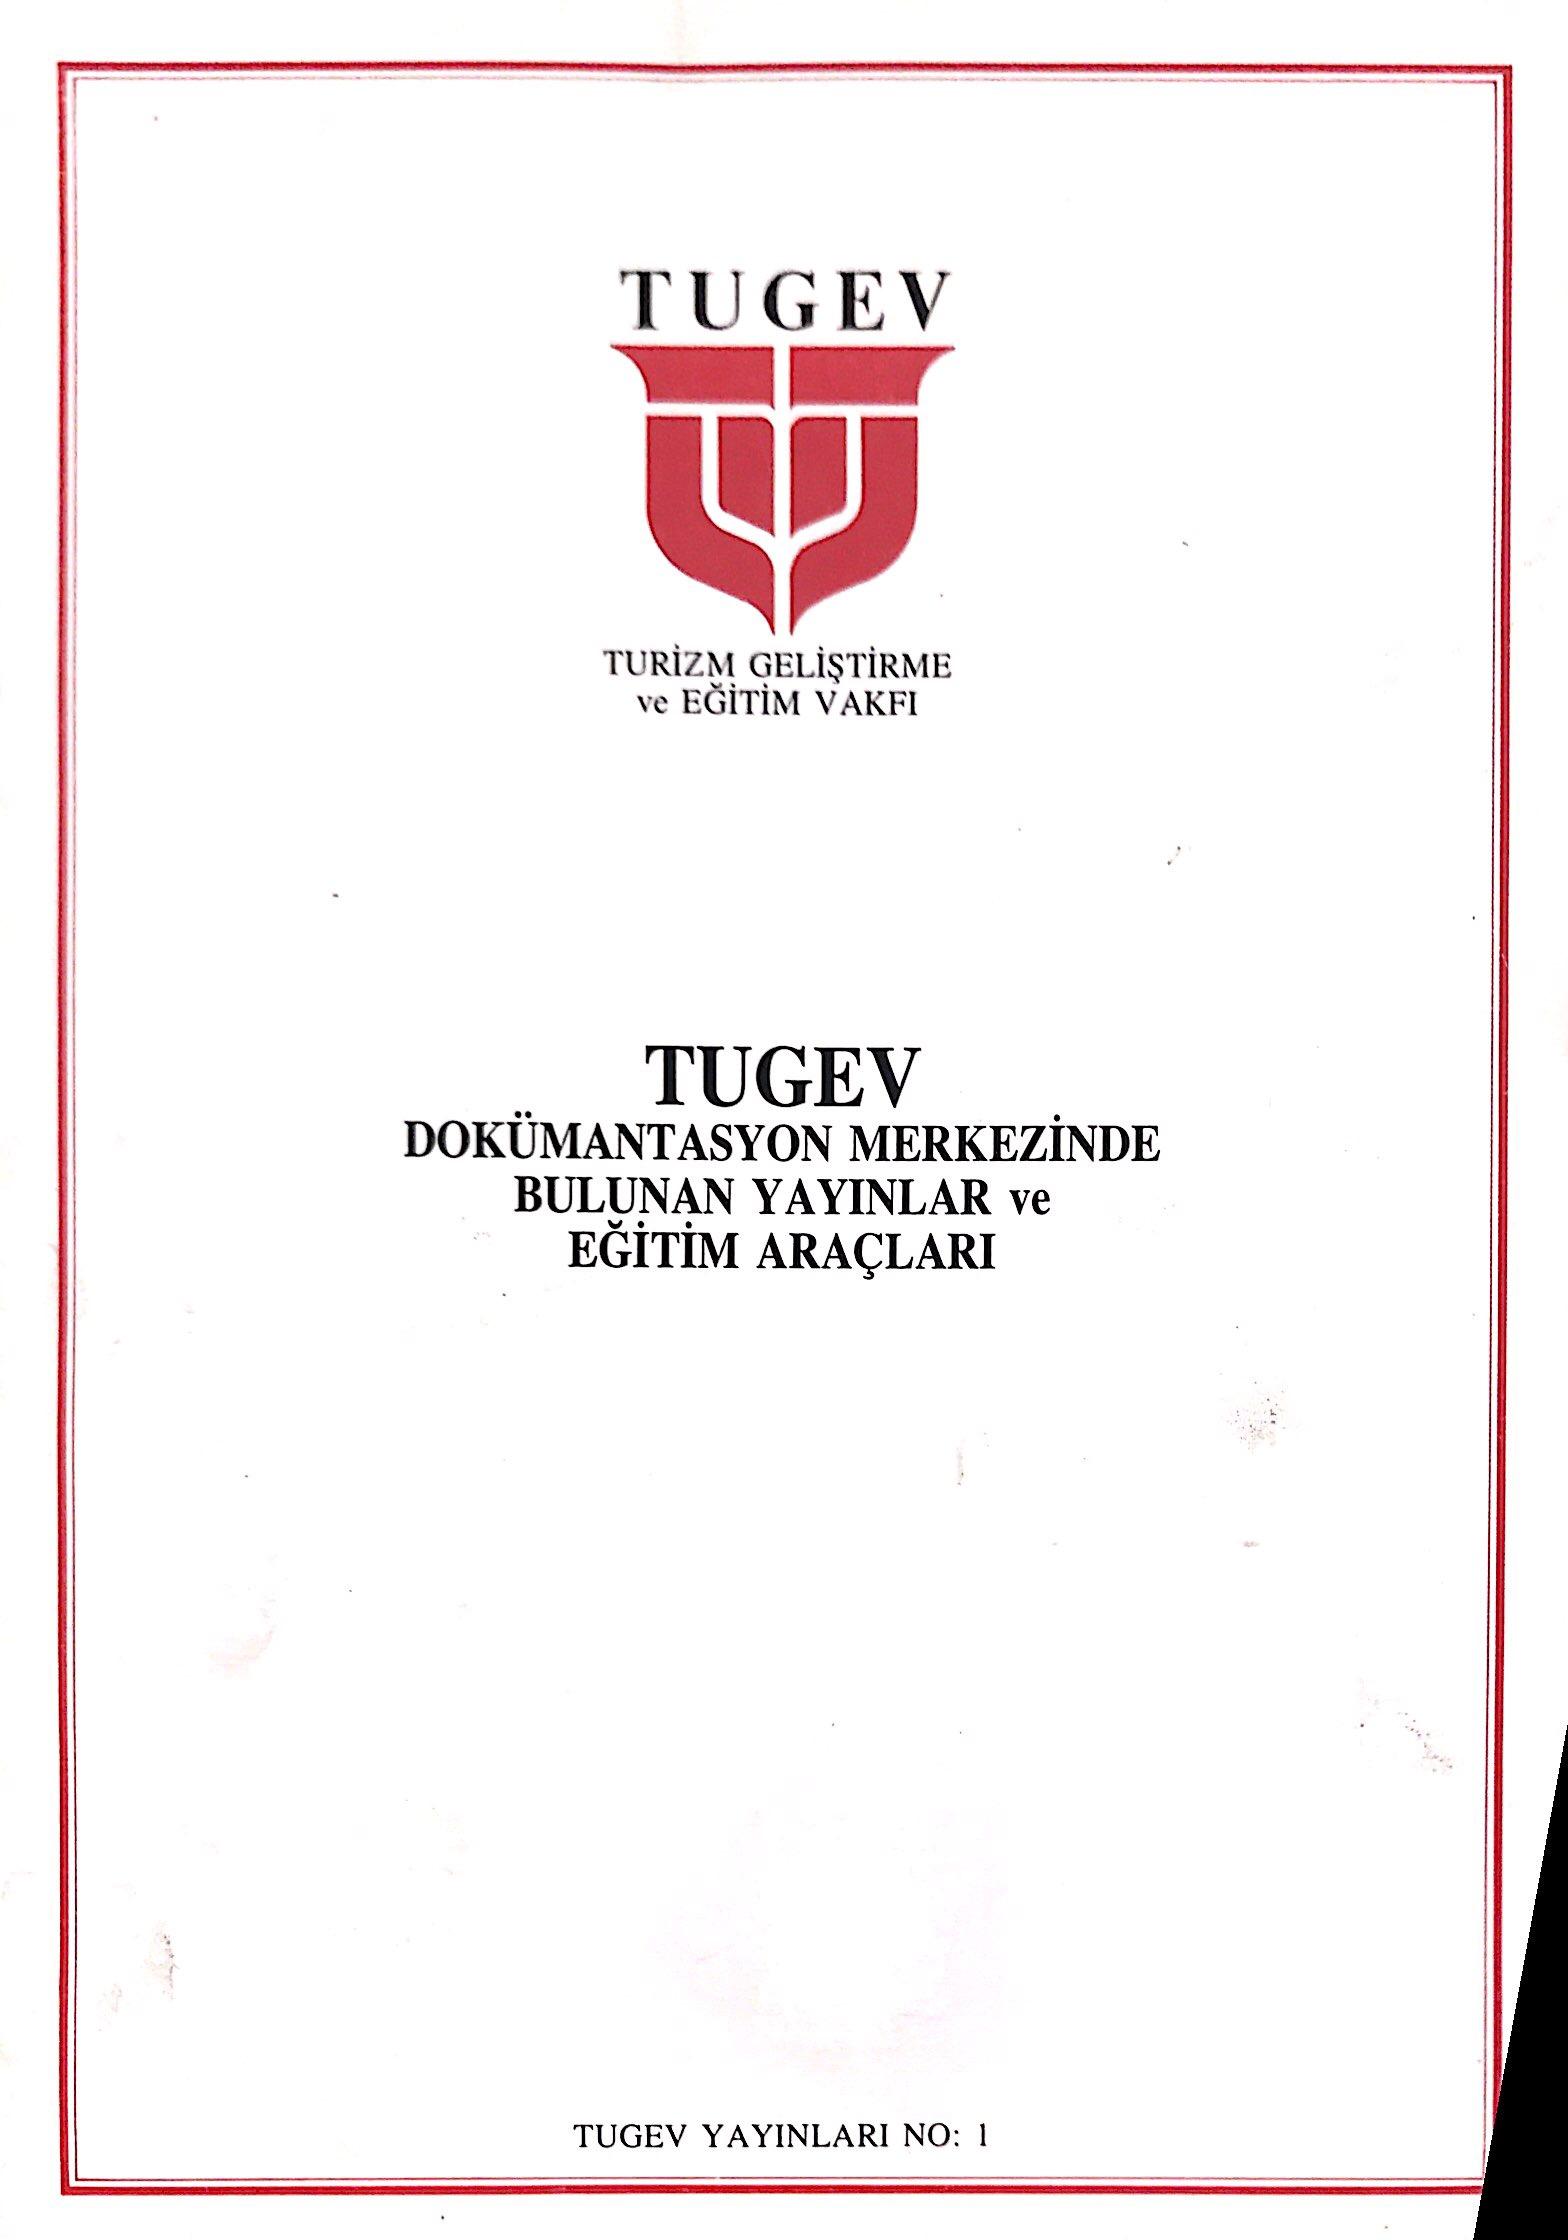 TUGEV Dokümantasyon Merkezinde Bulunan Yayınlar ve Eğitim Araçları Kitap Kapağı